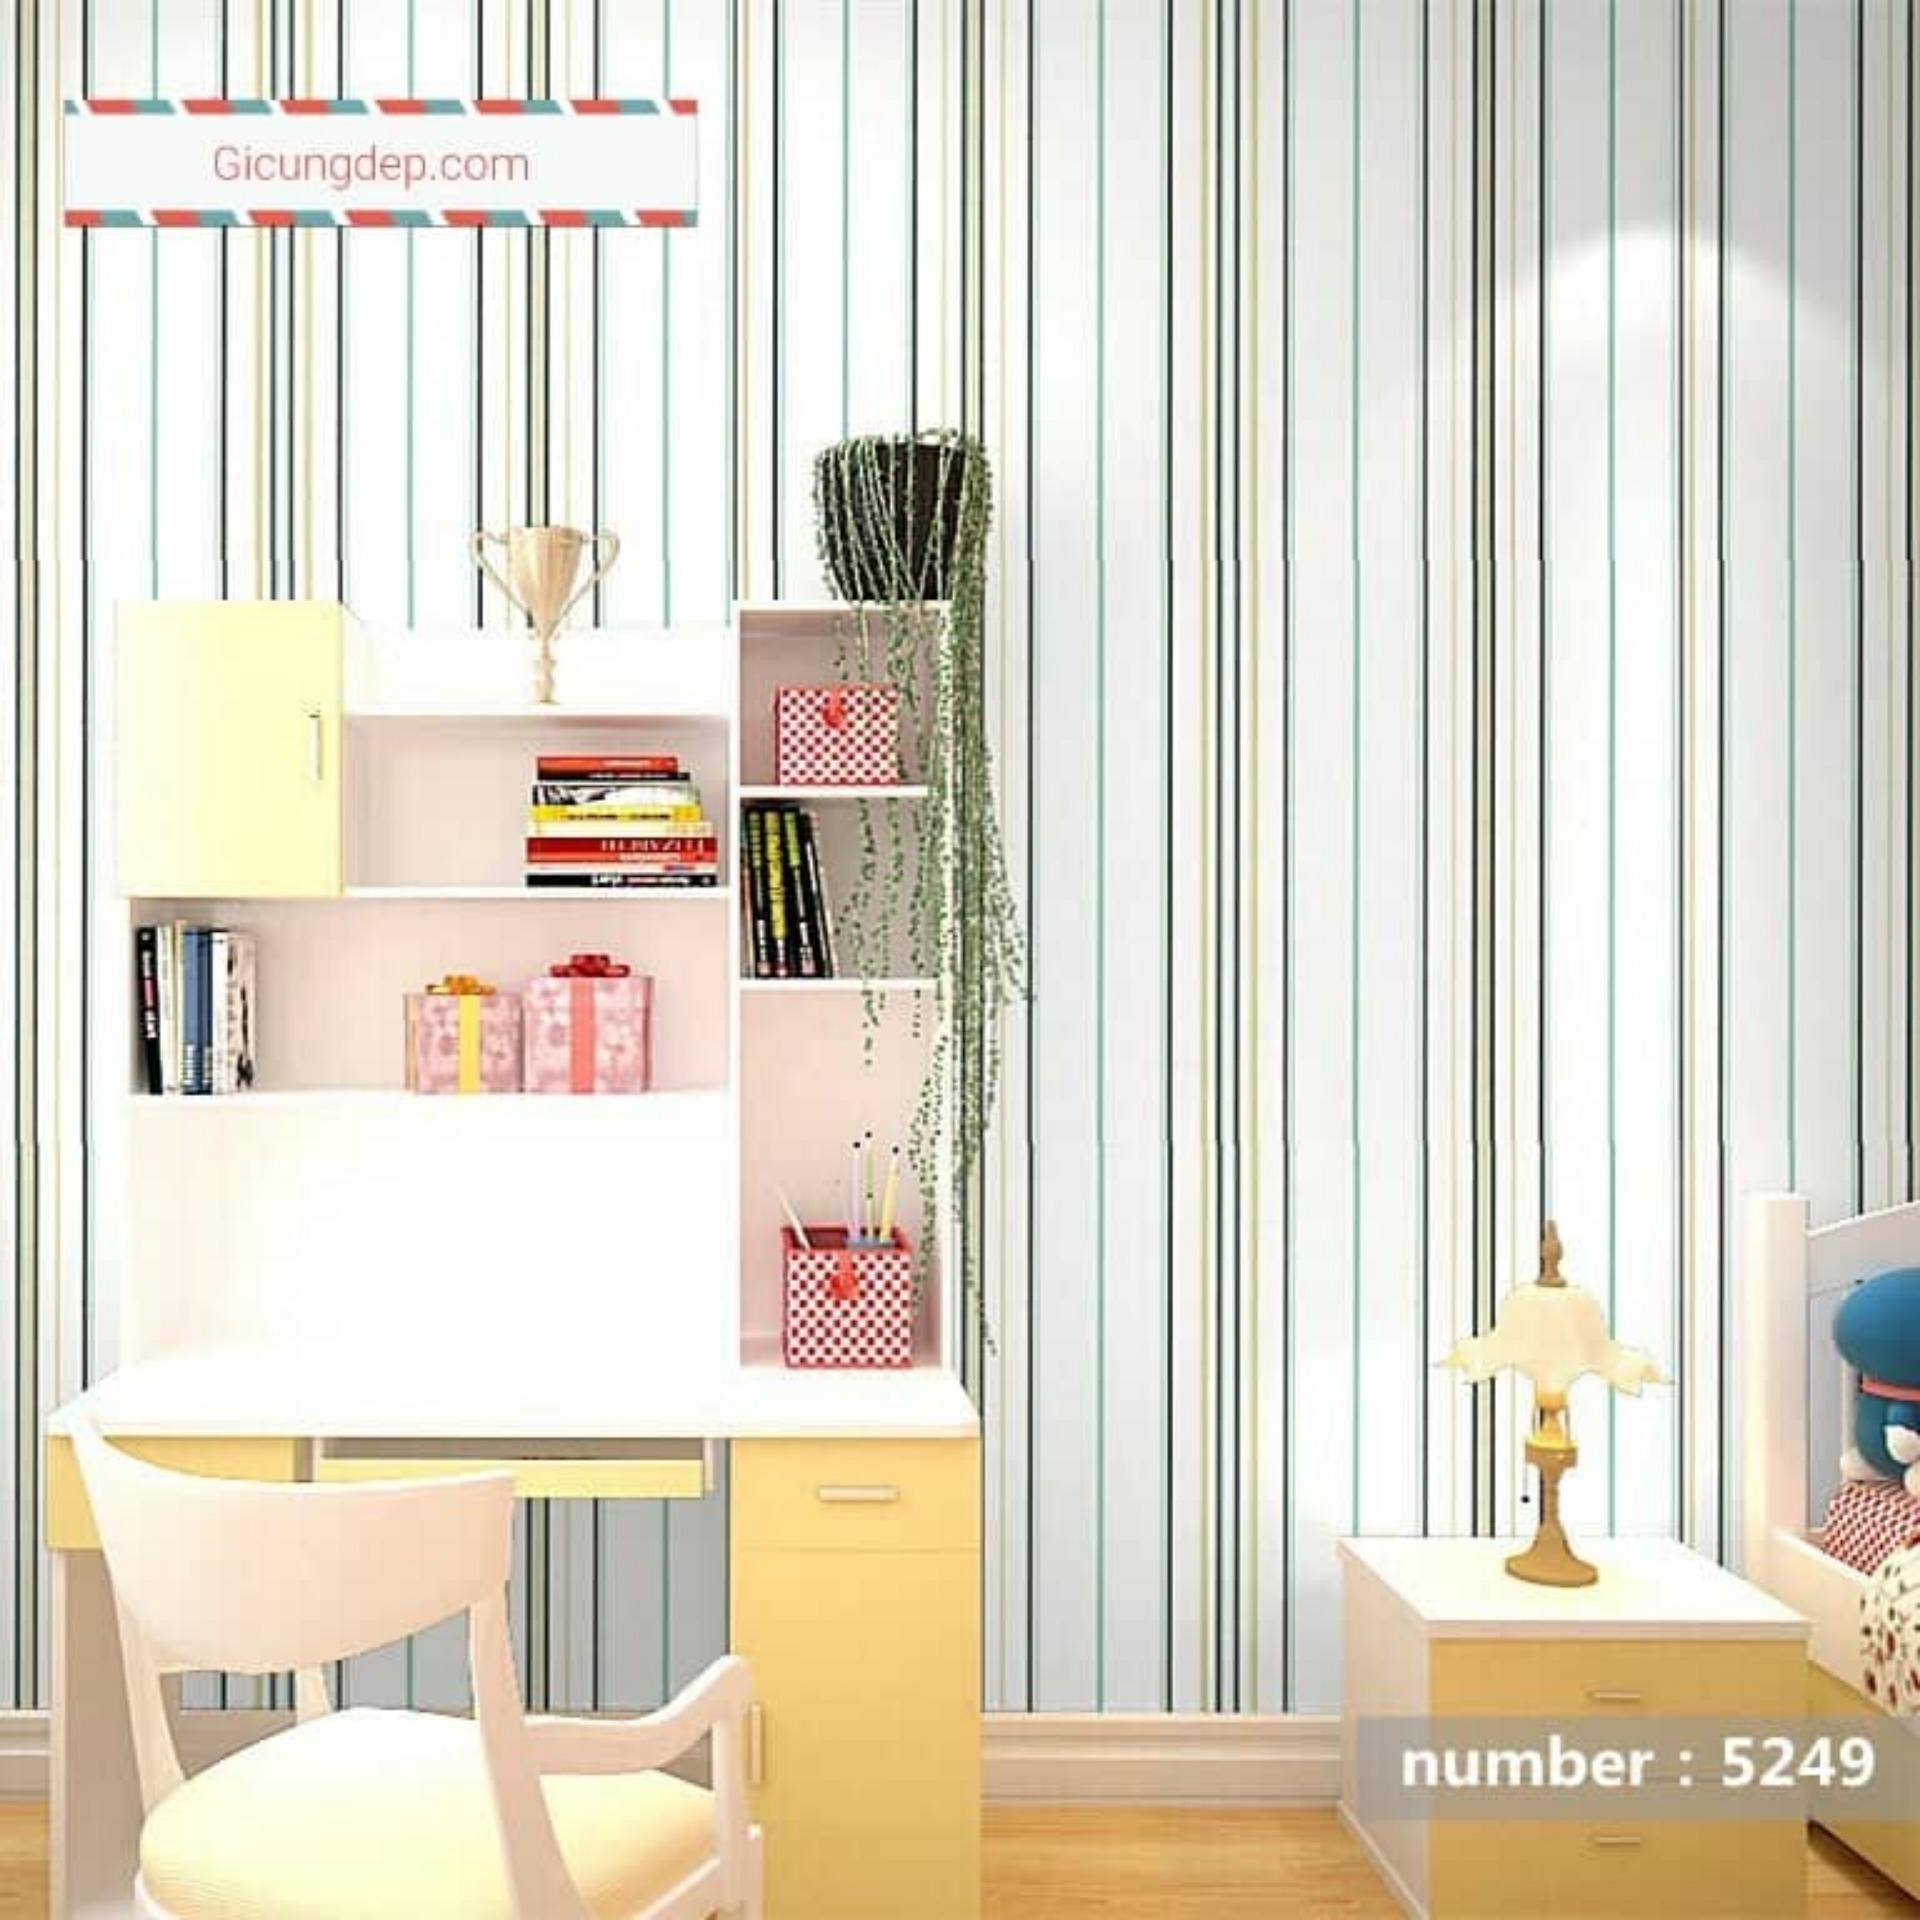 5m vuông Giấy dán tường phong cách Hàn Quốc khổ rộng 45cm Sọc 5249